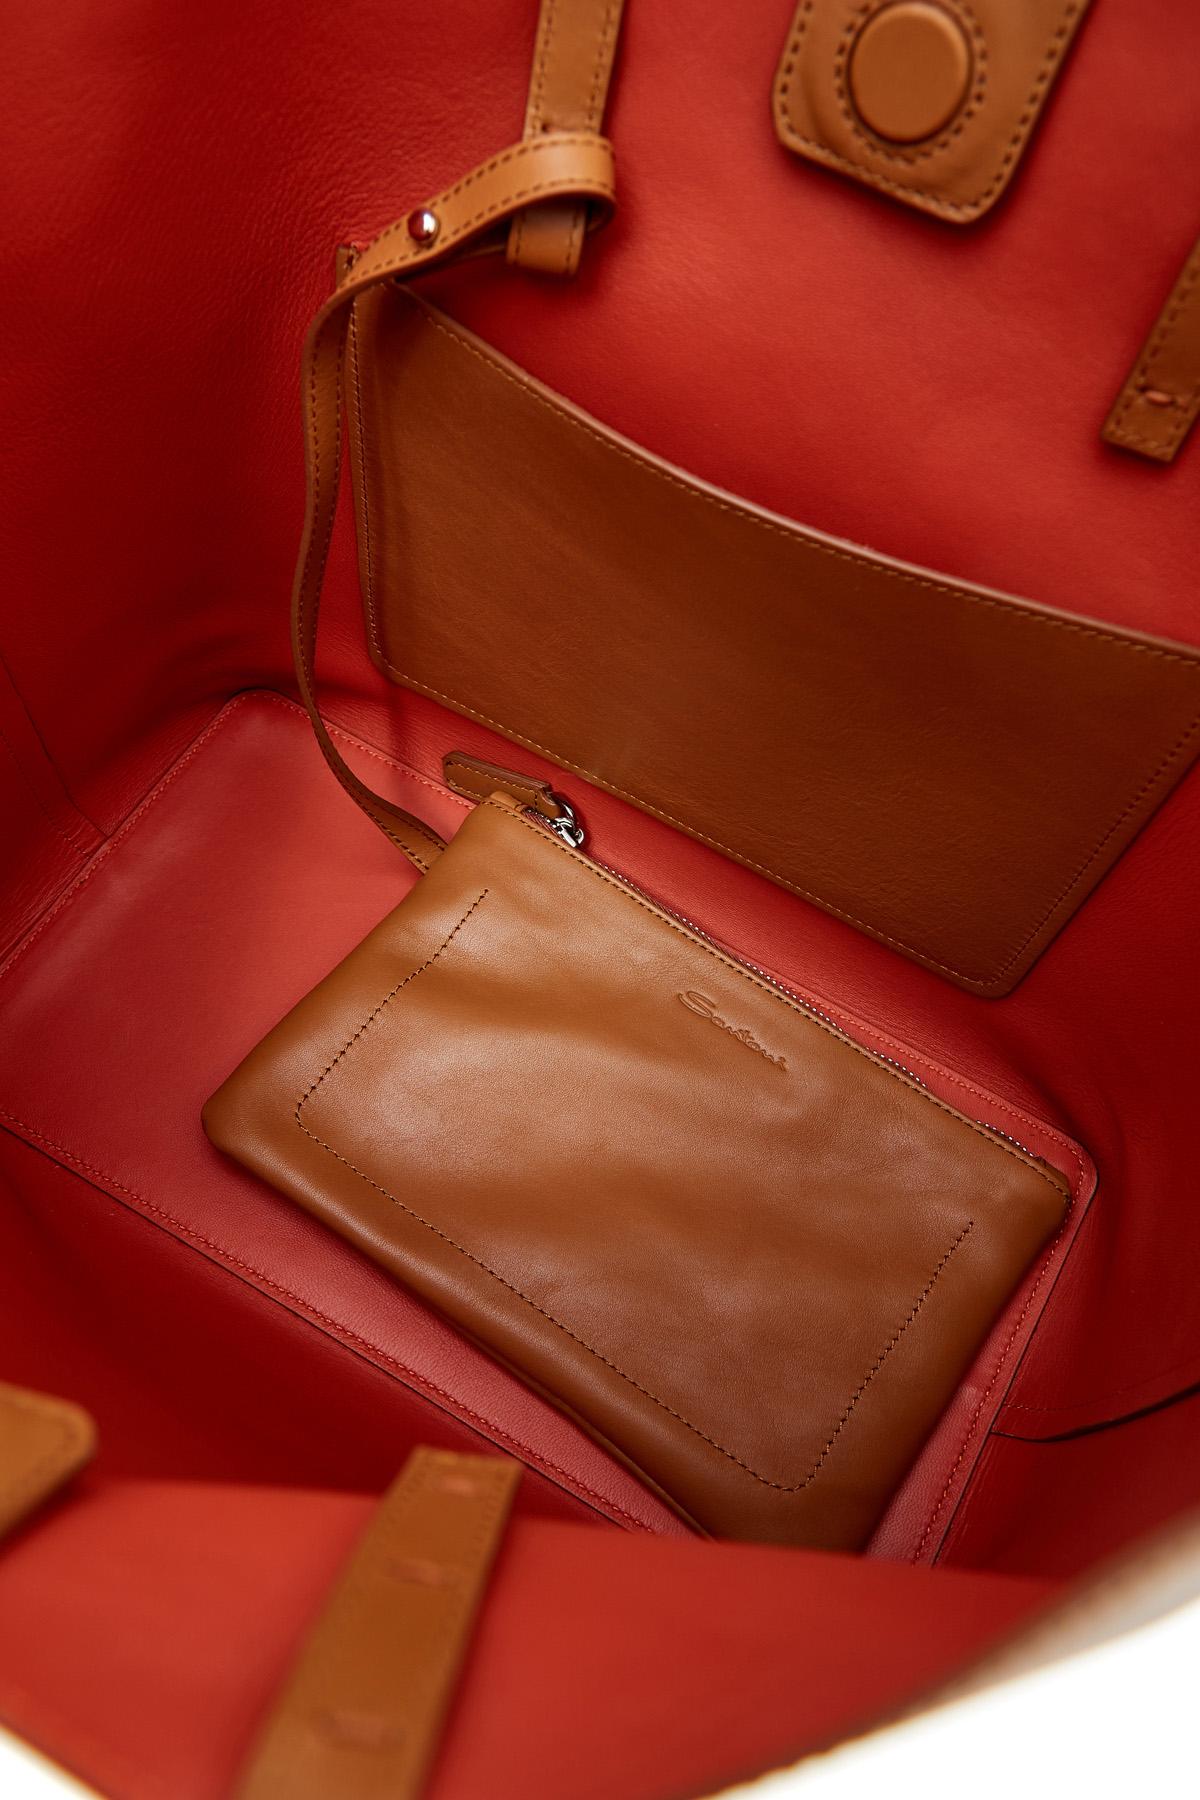 Вместительная сумка-тоут из матовой гладкой кожи с брелоком-кистью SANTONI 1822ba c70 Фото 7